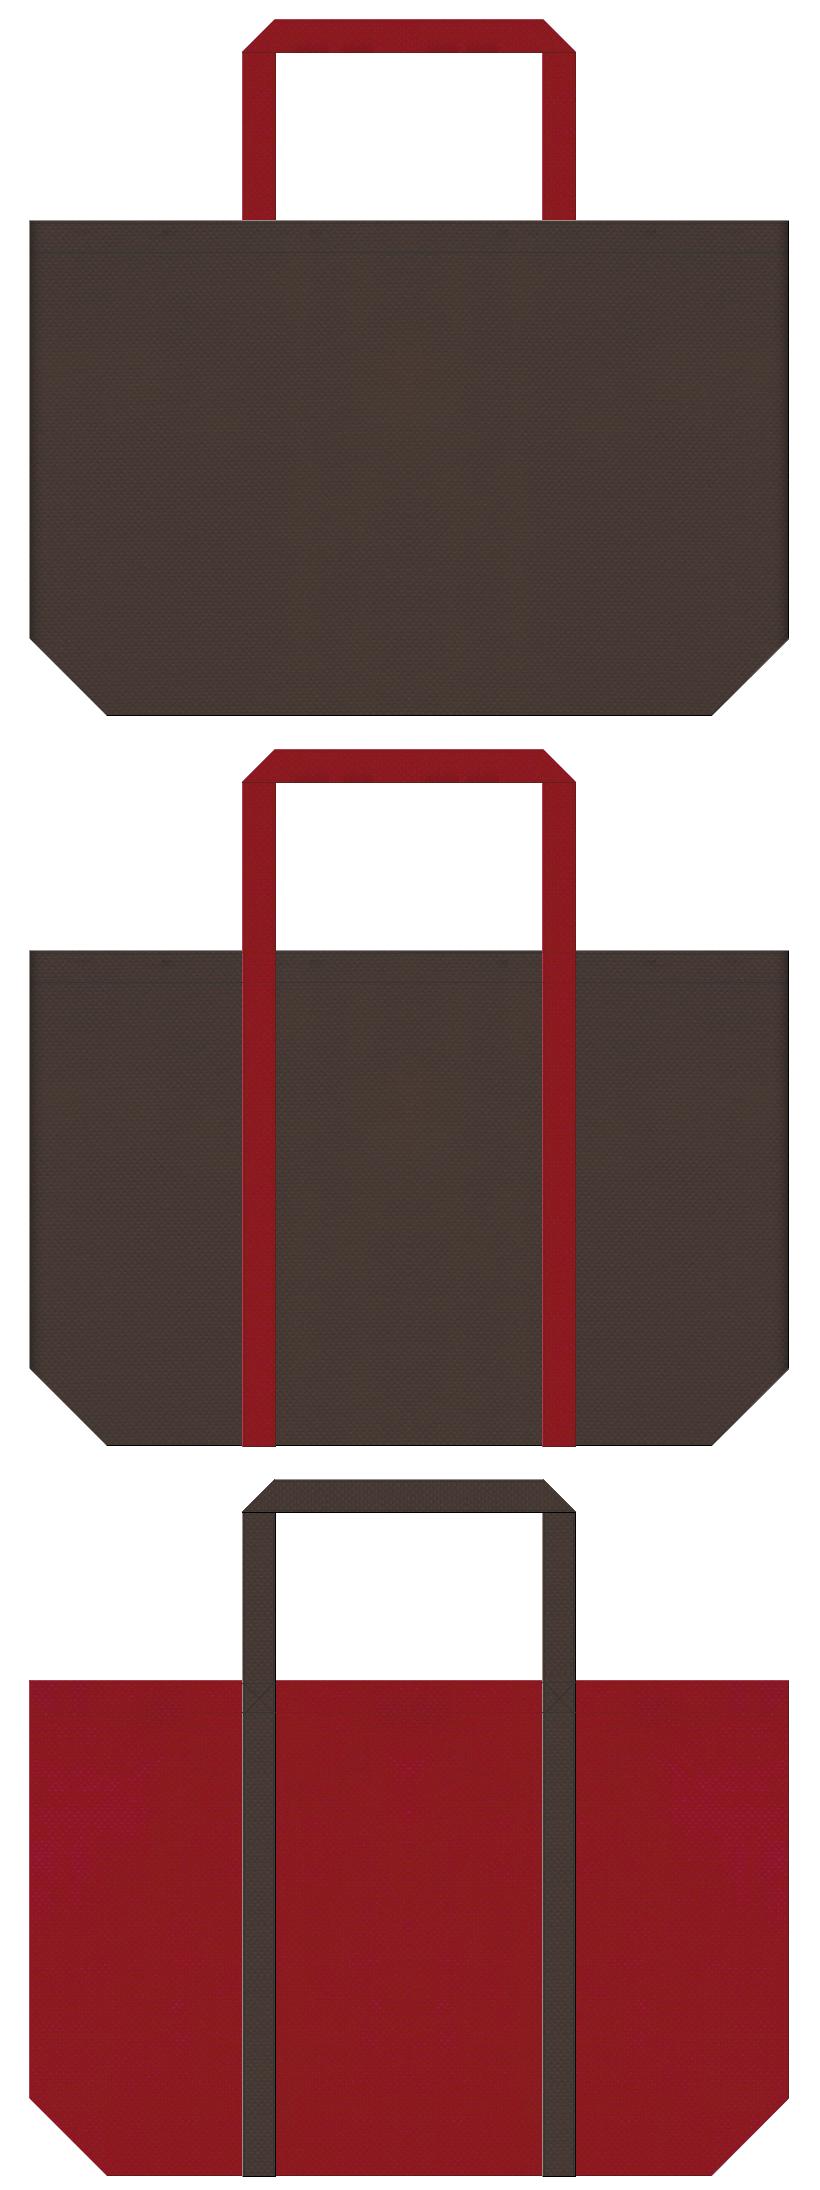 こげ茶色とエンジ色の不織布バッグデザイン。